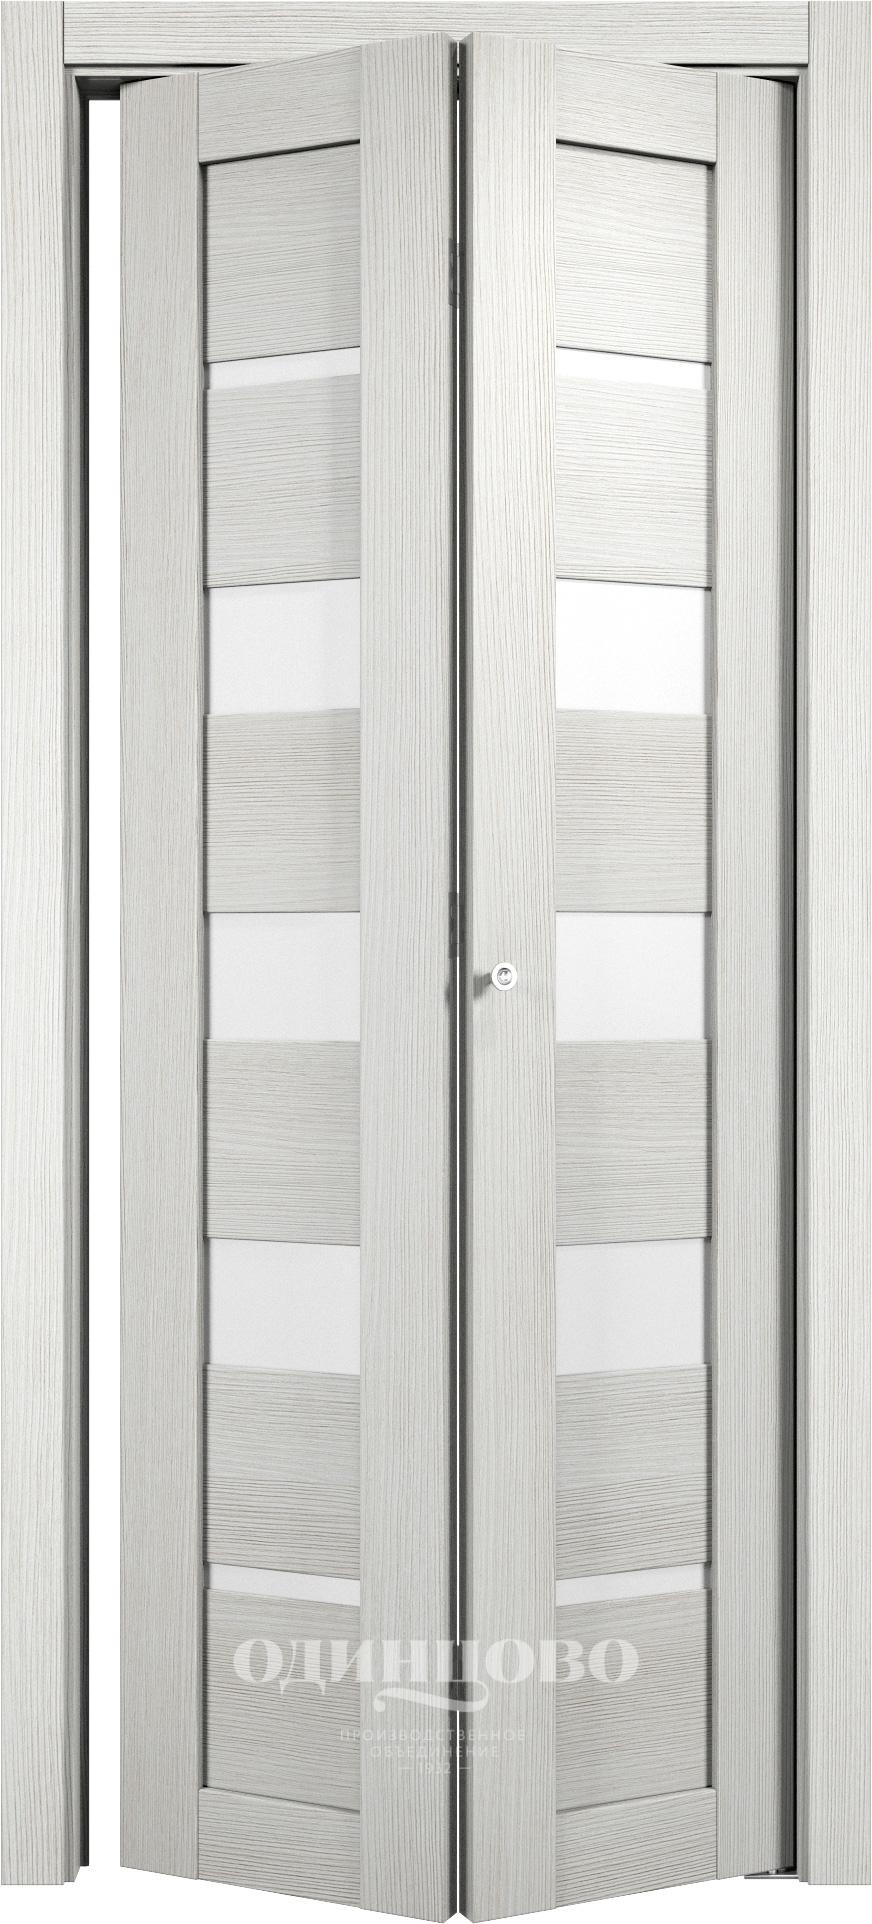 Дверь Мюнхен 14 ДО Складная